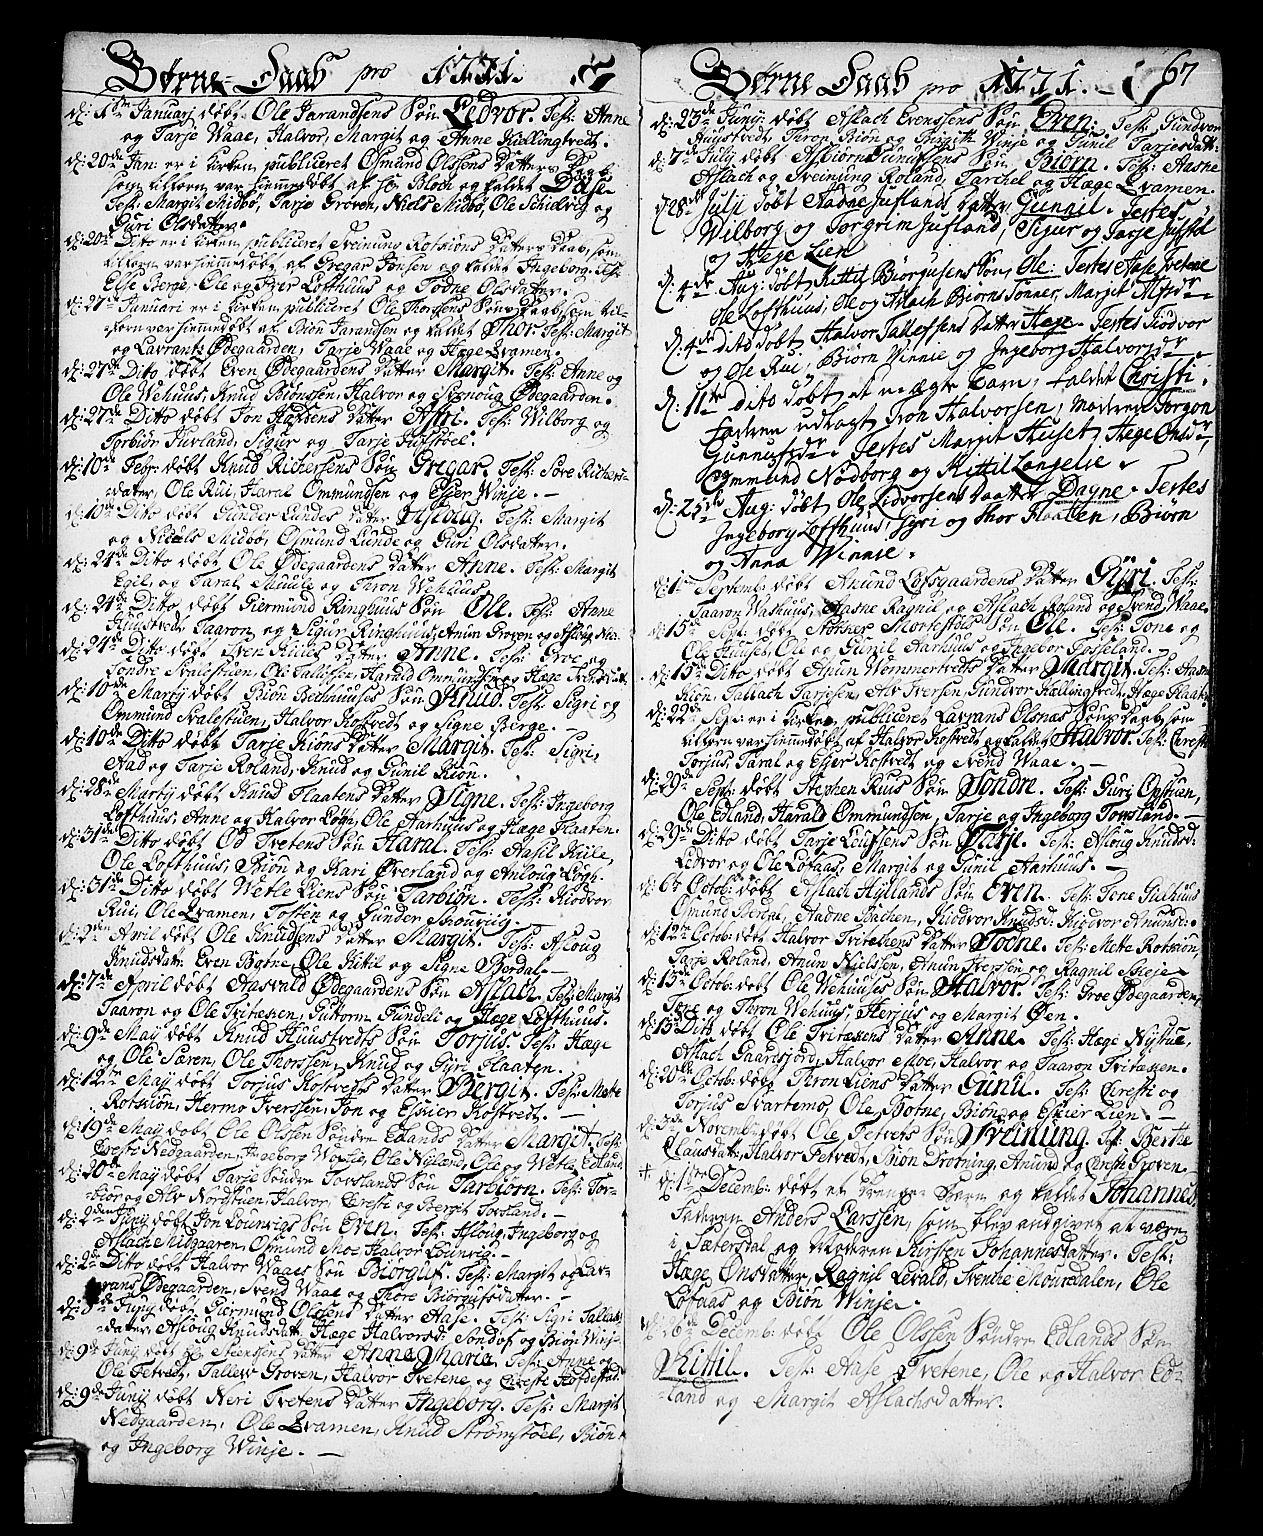 SAKO, Vinje kirkebøker, F/Fa/L0002: Ministerialbok nr. I 2, 1767-1814, s. 67